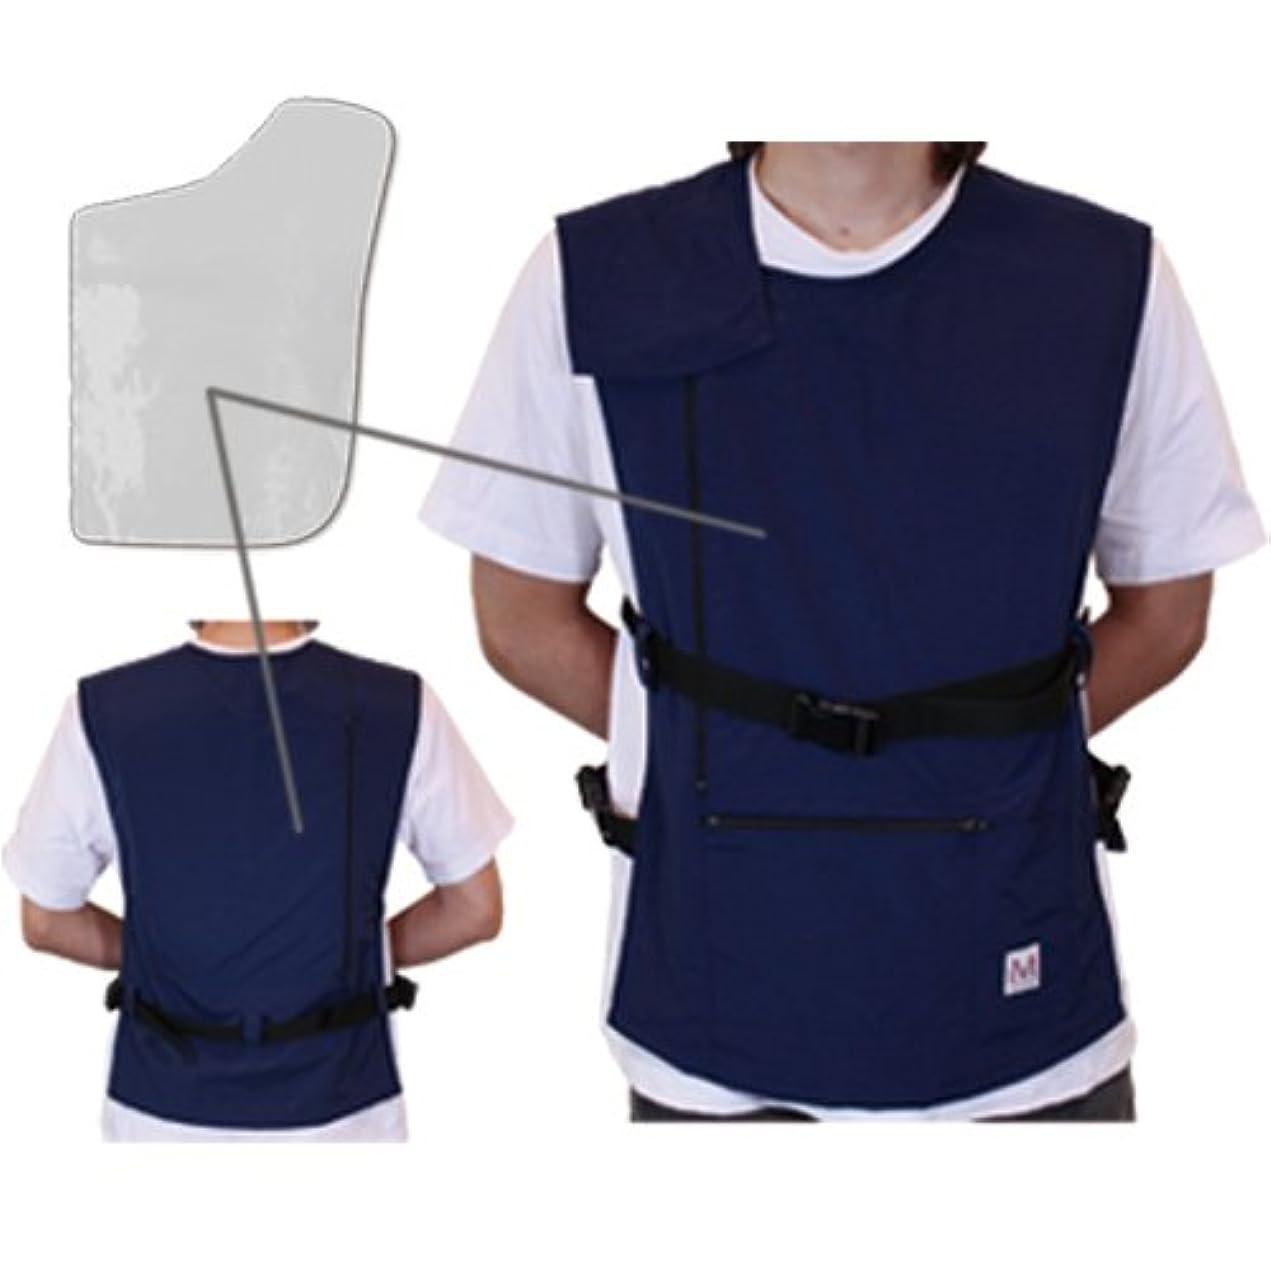 トラクター突進勤勉なペースメーカ?ICD電磁波防護服「MGワークベスト左胸用(ネイビー)2年間品質保証